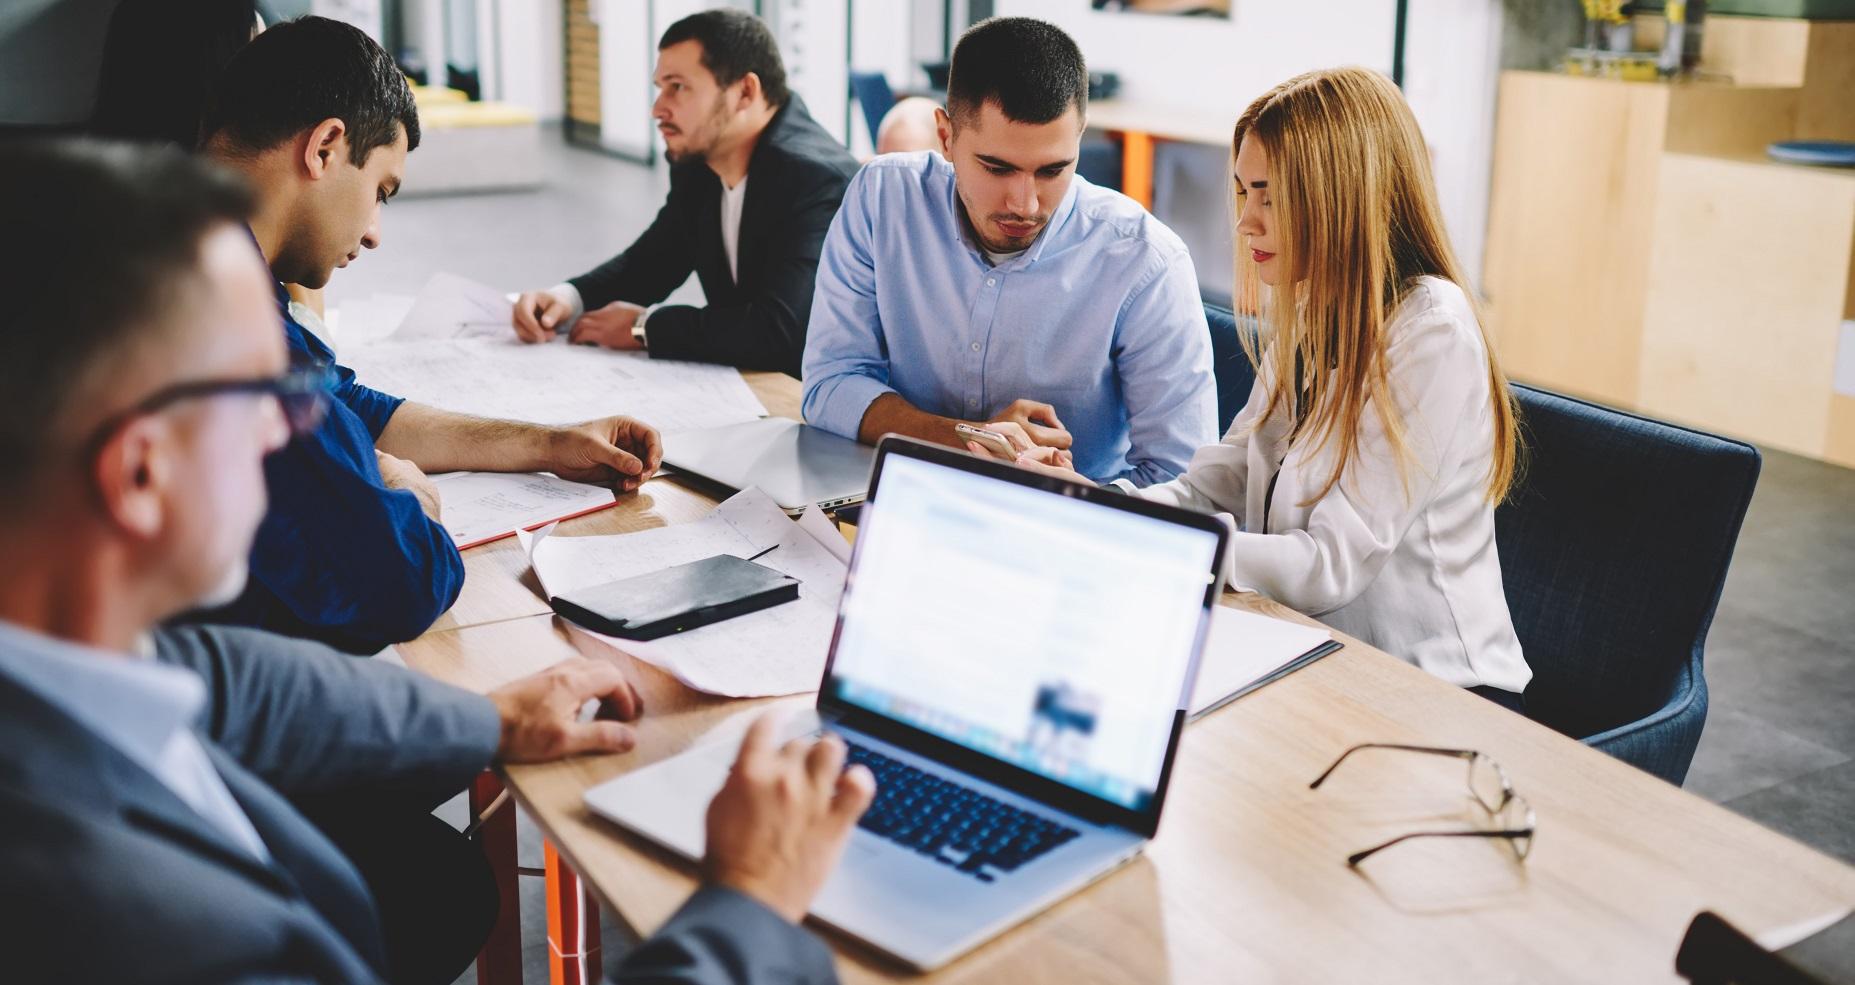 Budujte kultúru dát vo firme